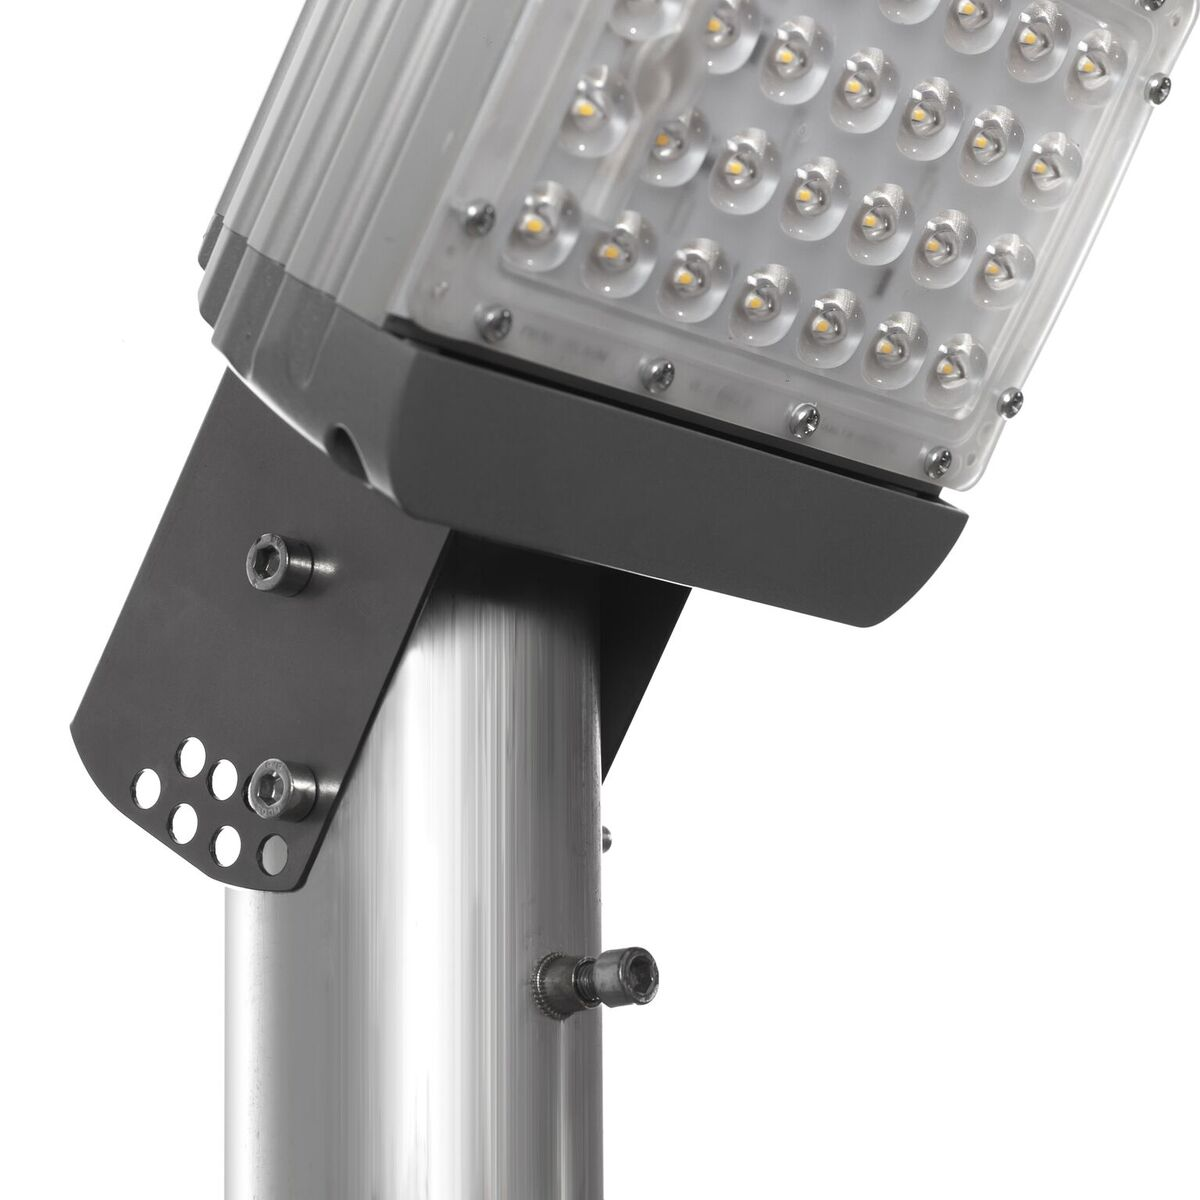 уличные светодиодные светильники ip65, FP 150 50W